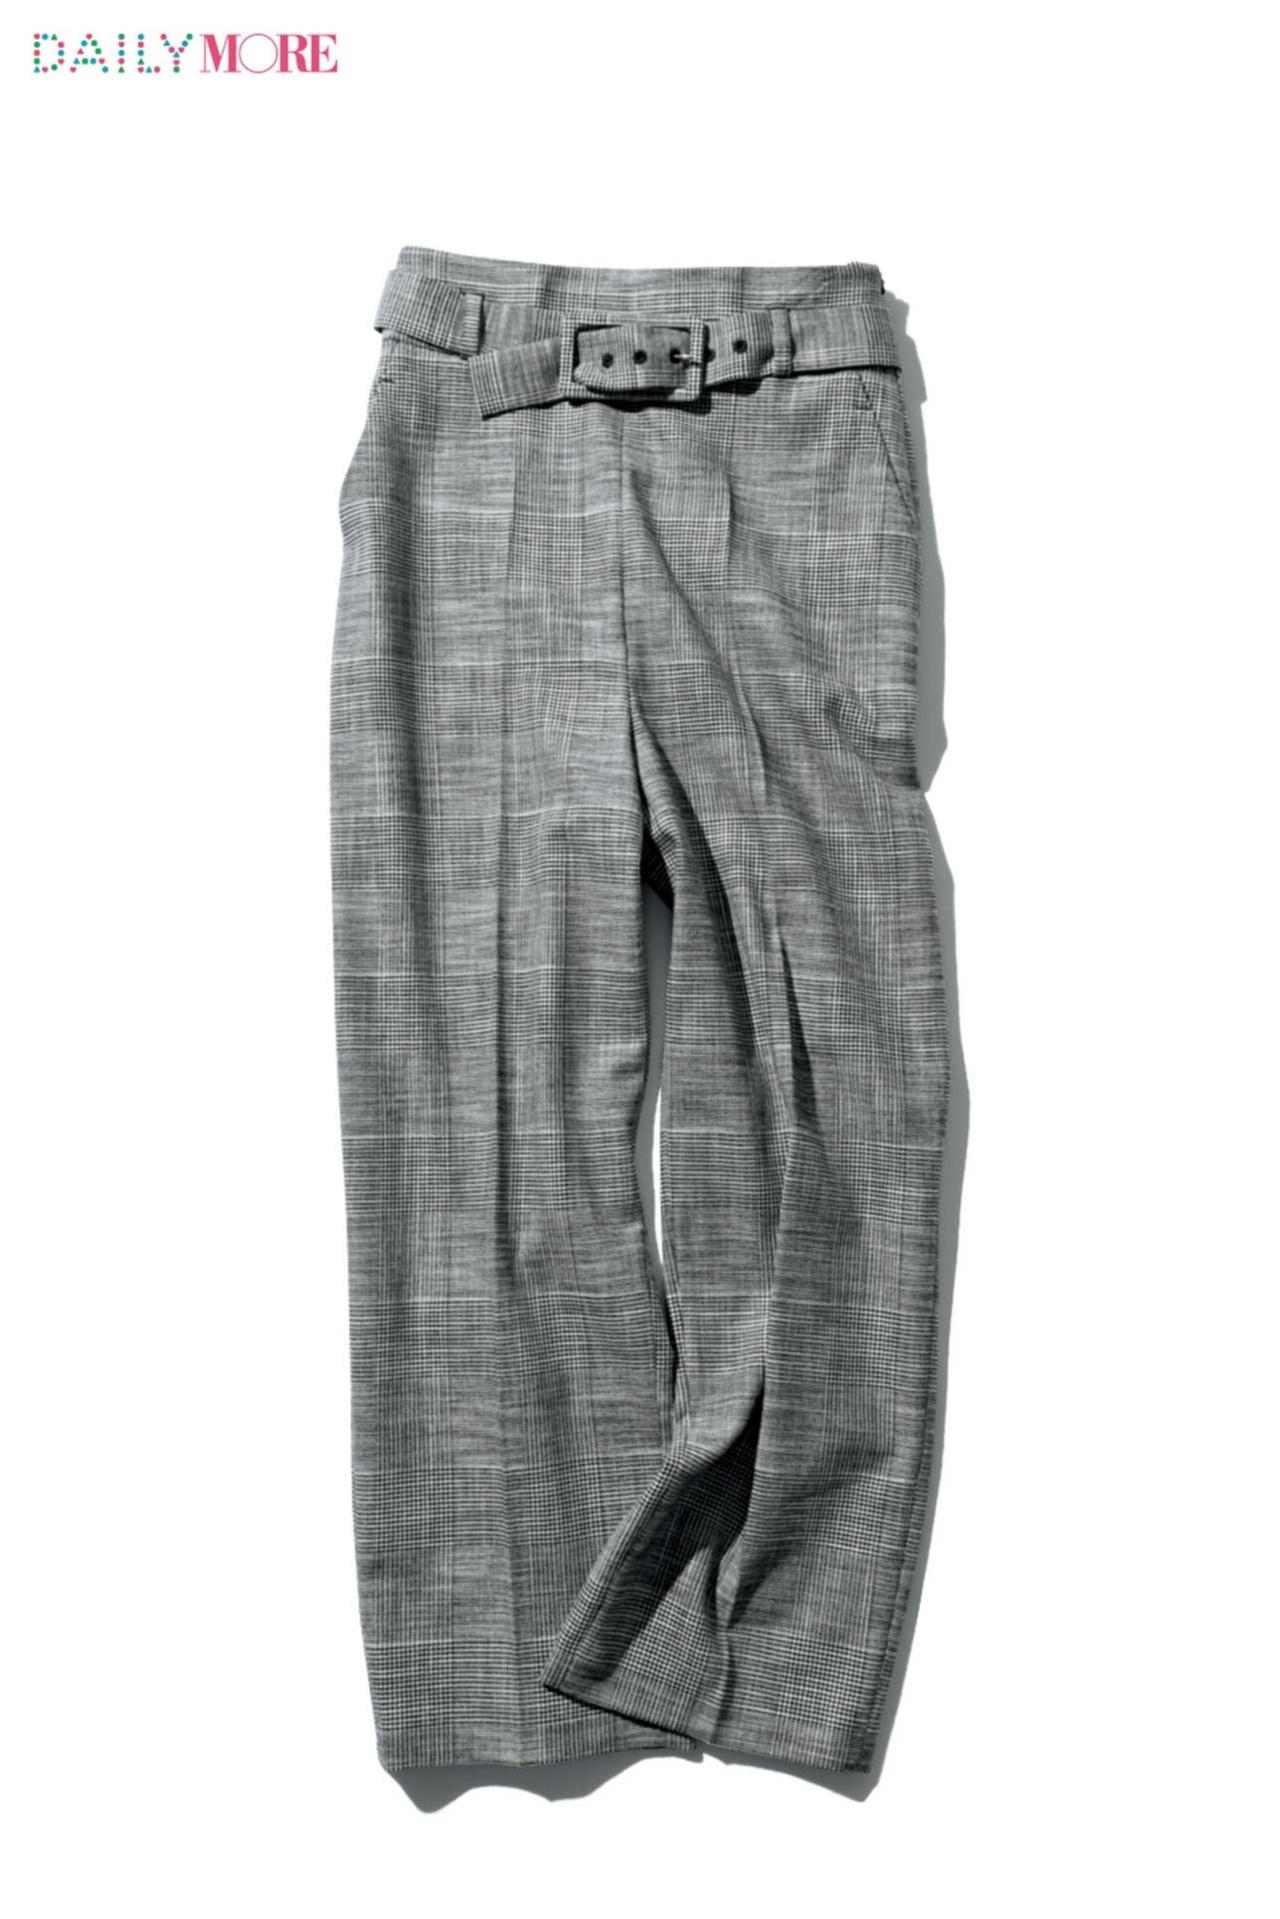 『ZARA』で秋服を本気買い! 1枚で様になるベロアトップスや、体がキレイに見えるチェックパンツを、around¥5000で手に入れて❤_1_4